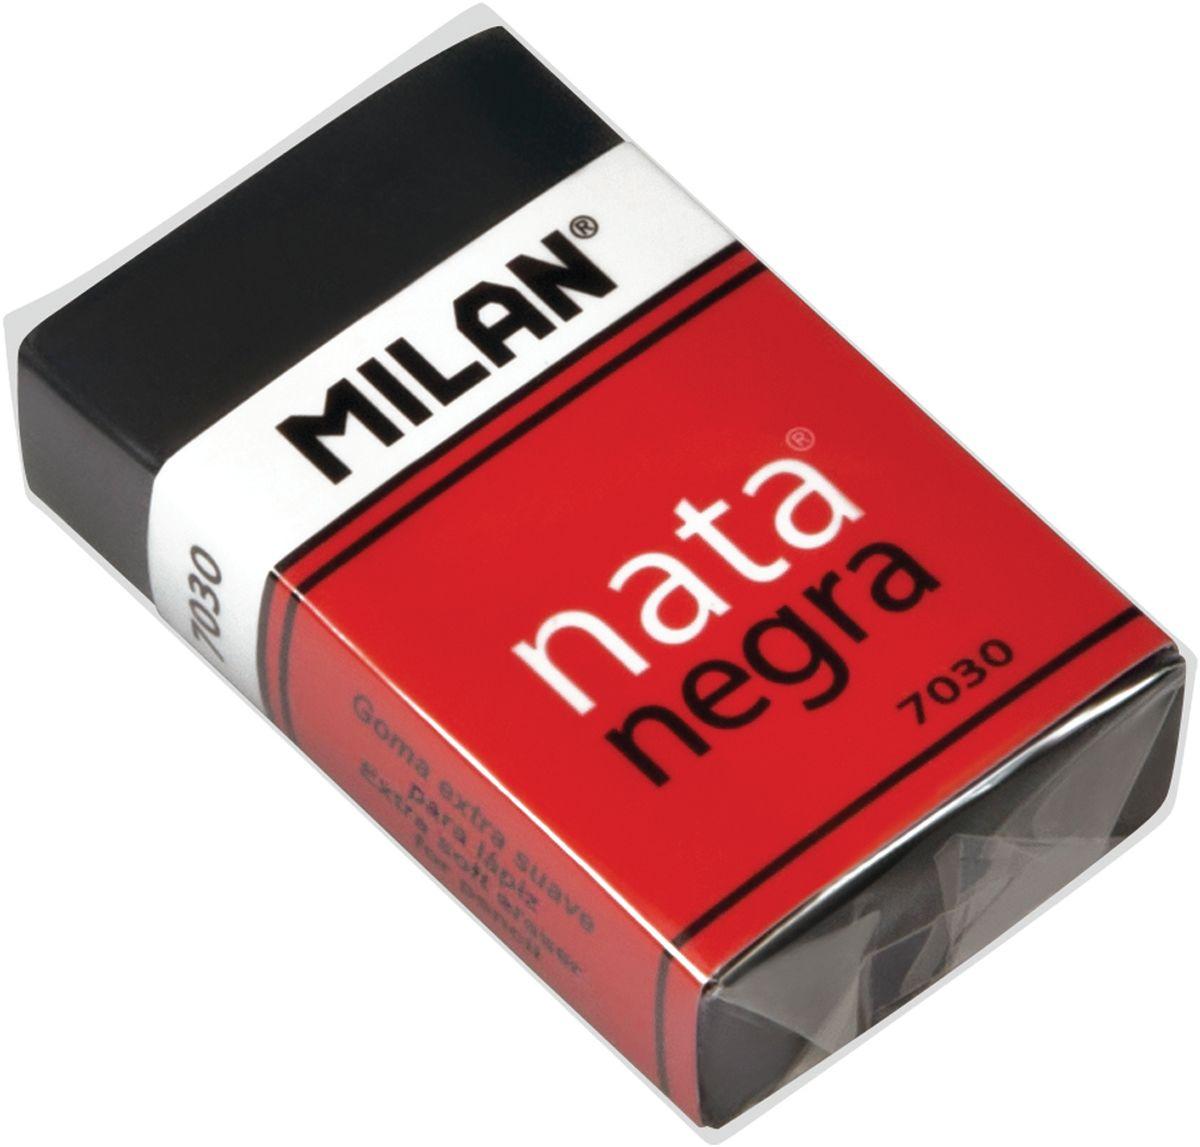 Milan Ластик Nata Negra 7030 прямоугольныйCPM7030CFЛастик Milan Nata Negra 7030 - это мягкий резиновый ластик черного цвета. Подходит для удаления штрихов от большинства графитовых карандашей на всех видах поверхностей.